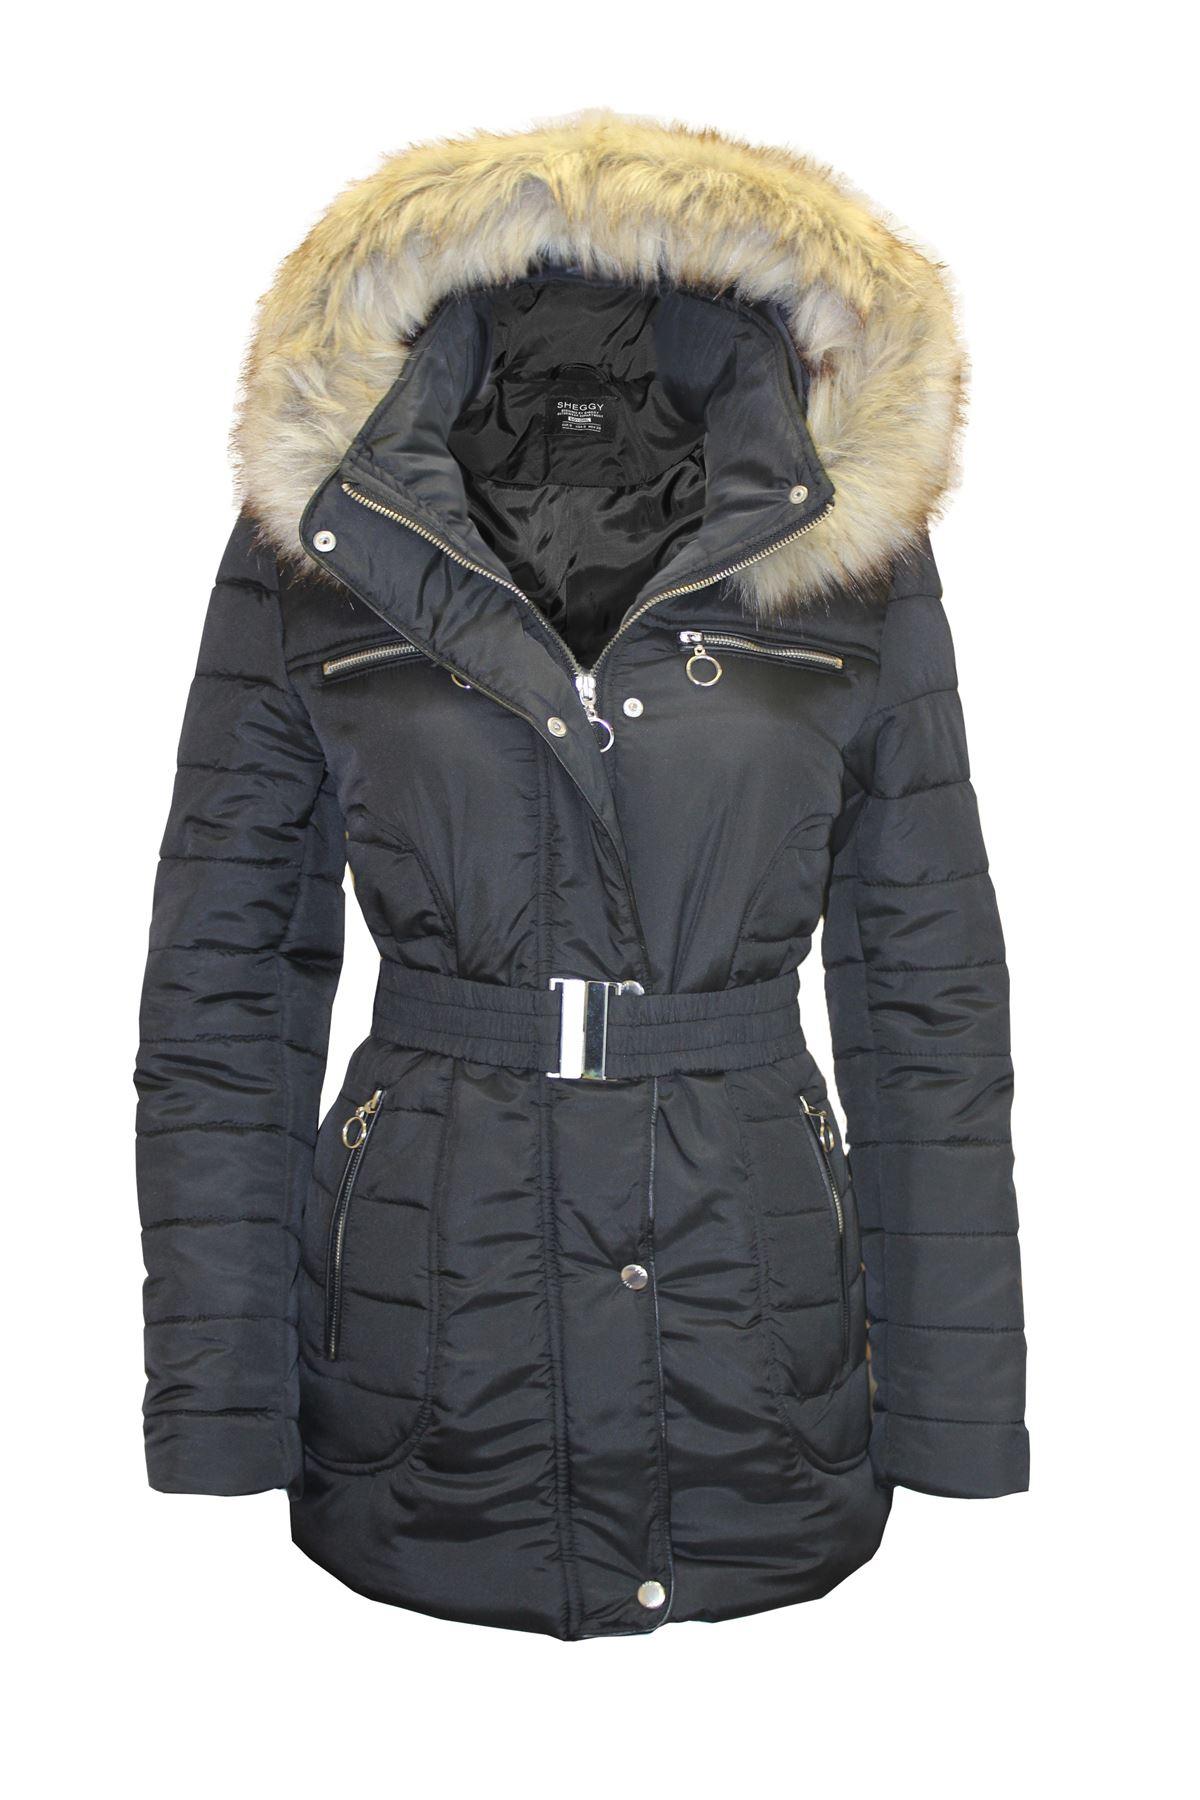 Manteau fourrure poches à femme avec pour en et à glissière capuche poches pour femmes Ptw8xqtr